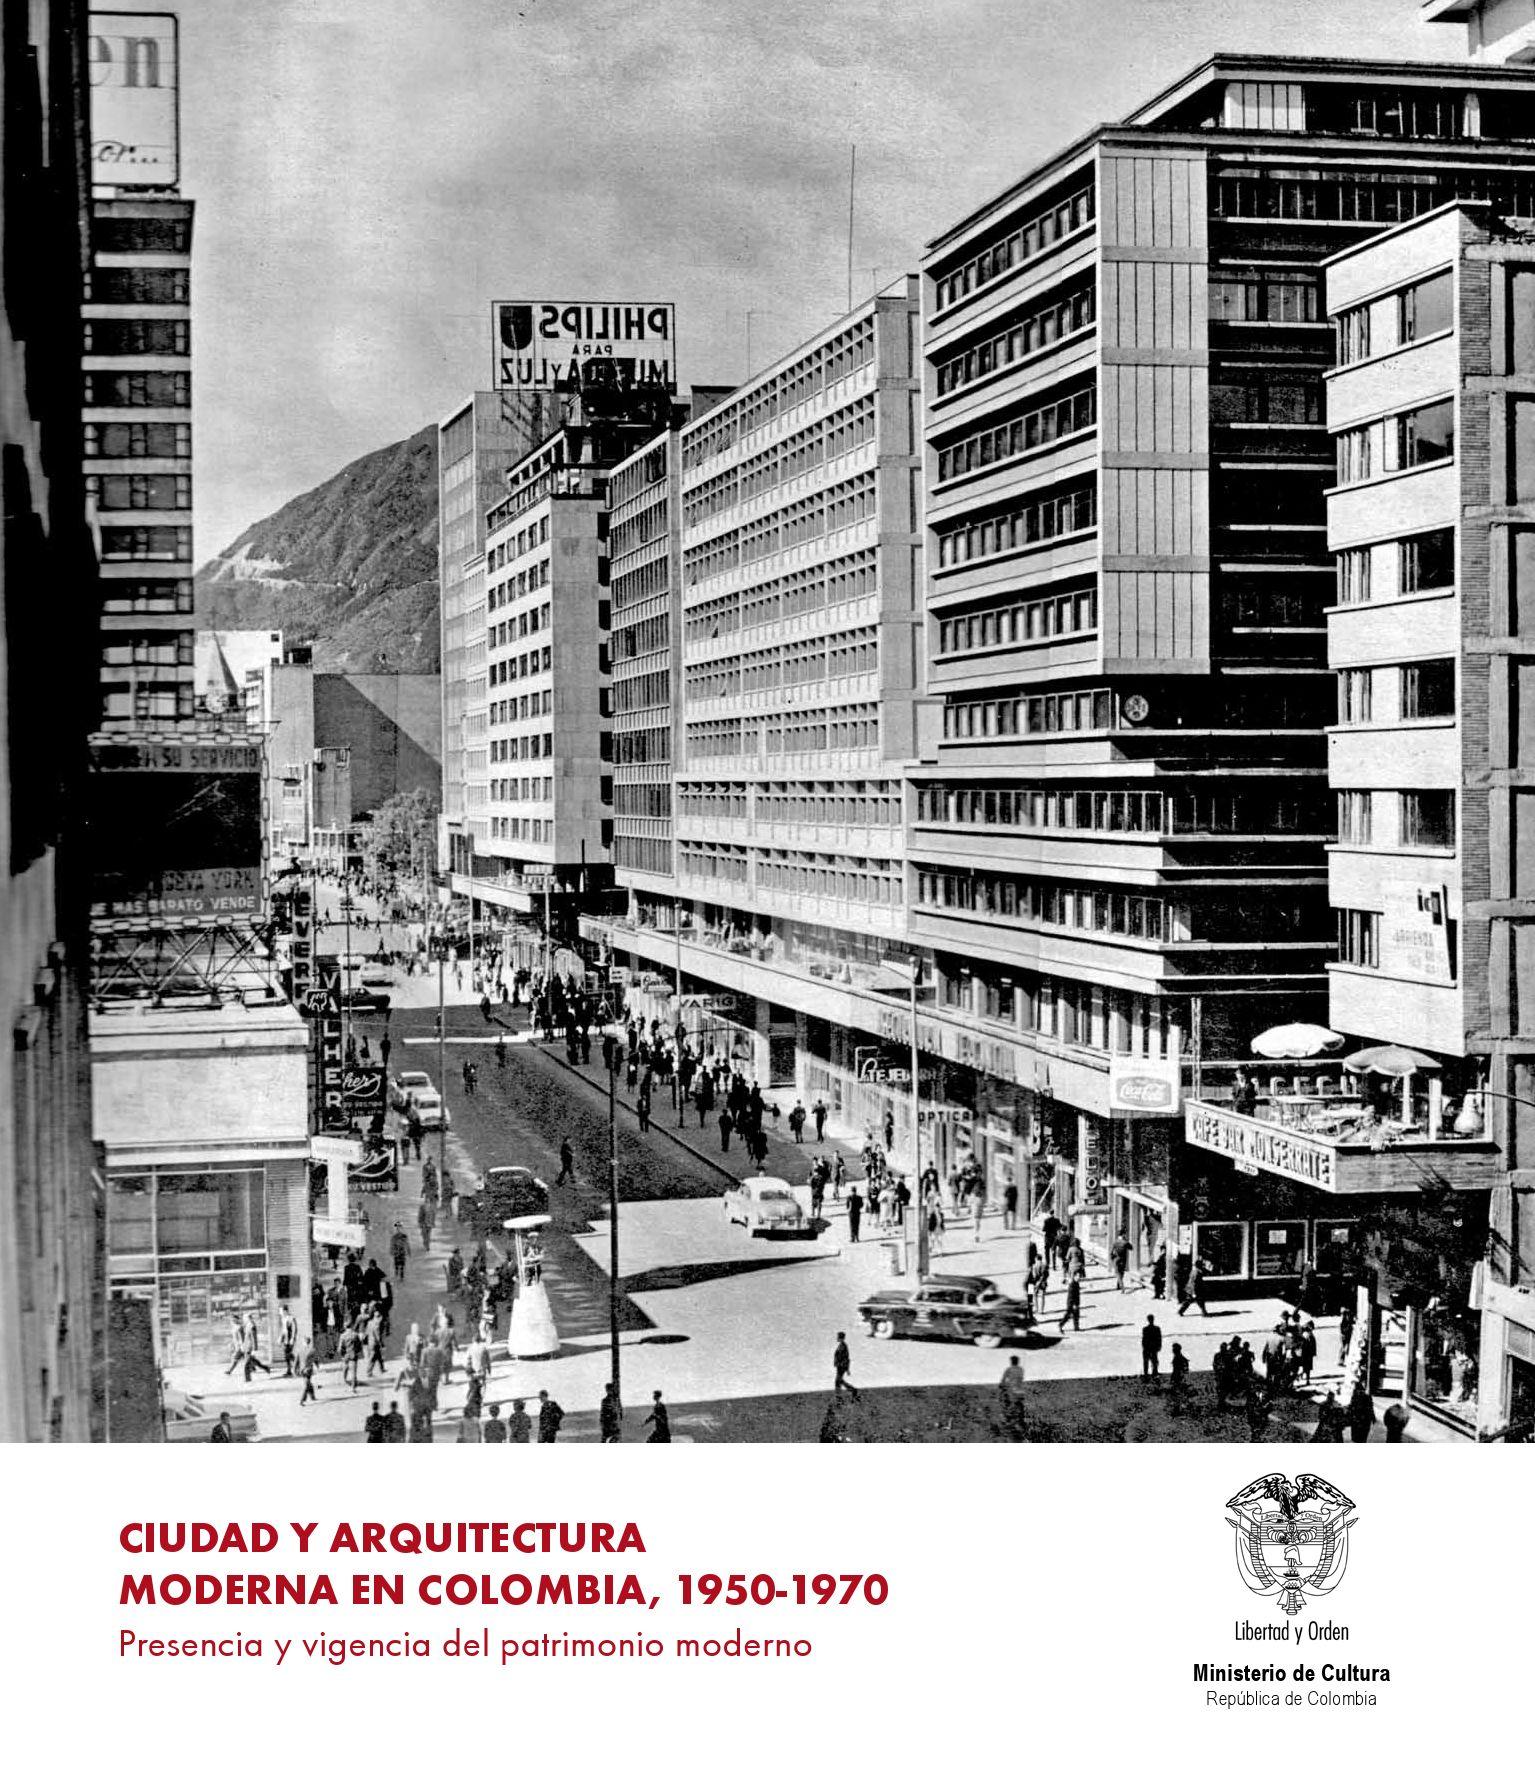 Ciudad y arquitectura moderna en colombia by nuevos medios for Arquitectura moderna caracteristicas